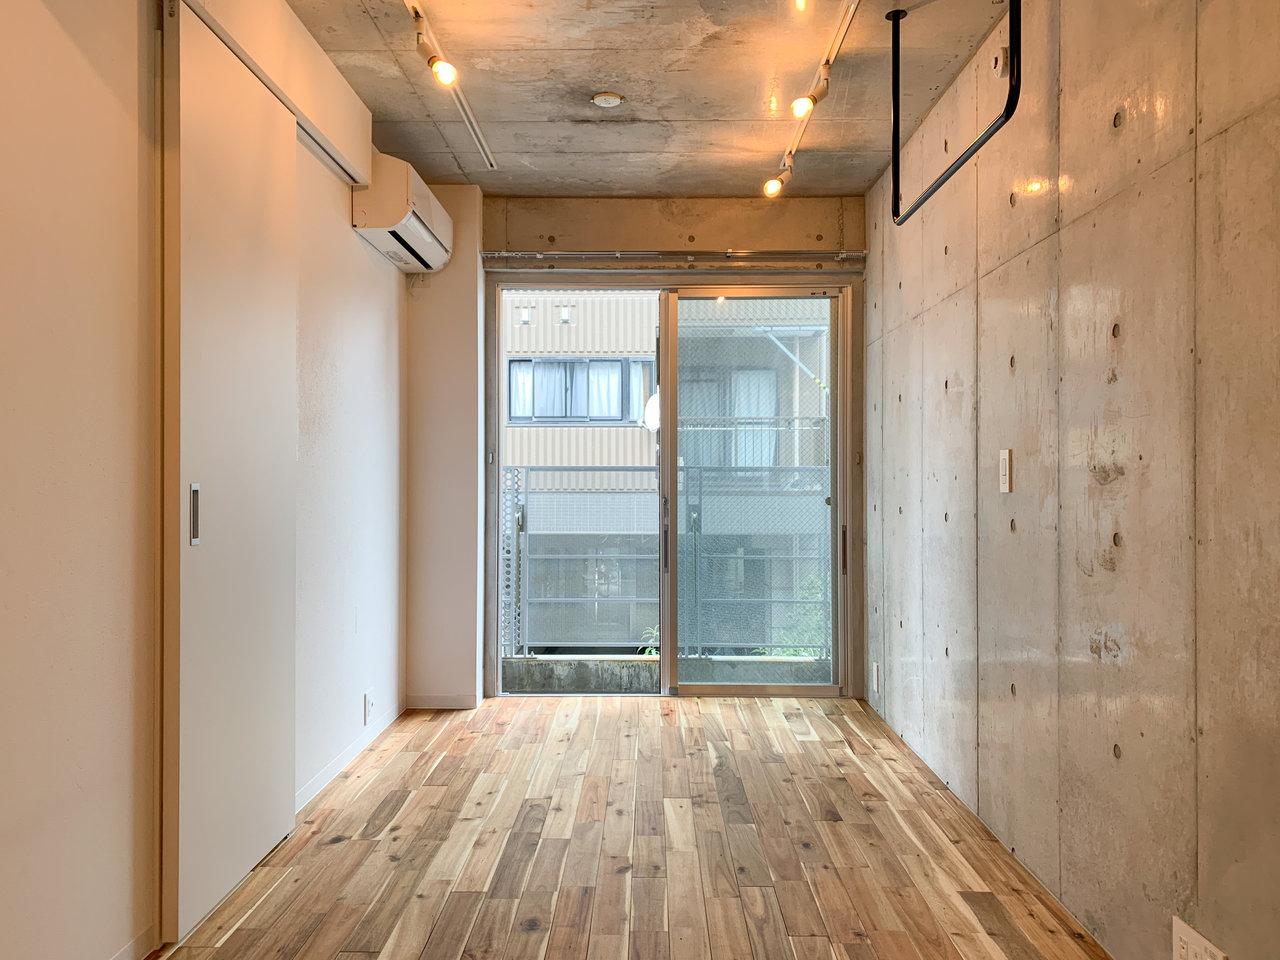 続いては、コンクリ×無垢床タイプの10畳ワンルーム。コンクリート壁はクールな印象を持ちやすいですが、こうして見るとその中にも温かさを感じることのできる仕上がりになっています。